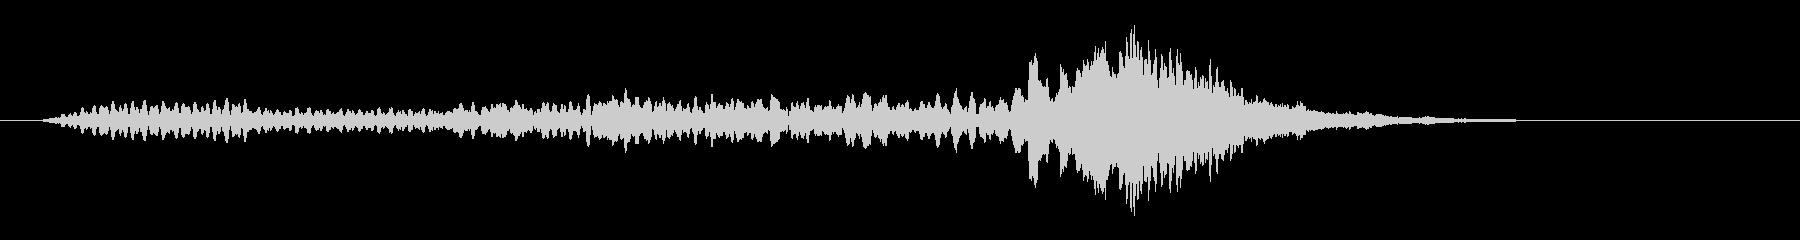 シンセとエレピのサウンドロゴの未再生の波形